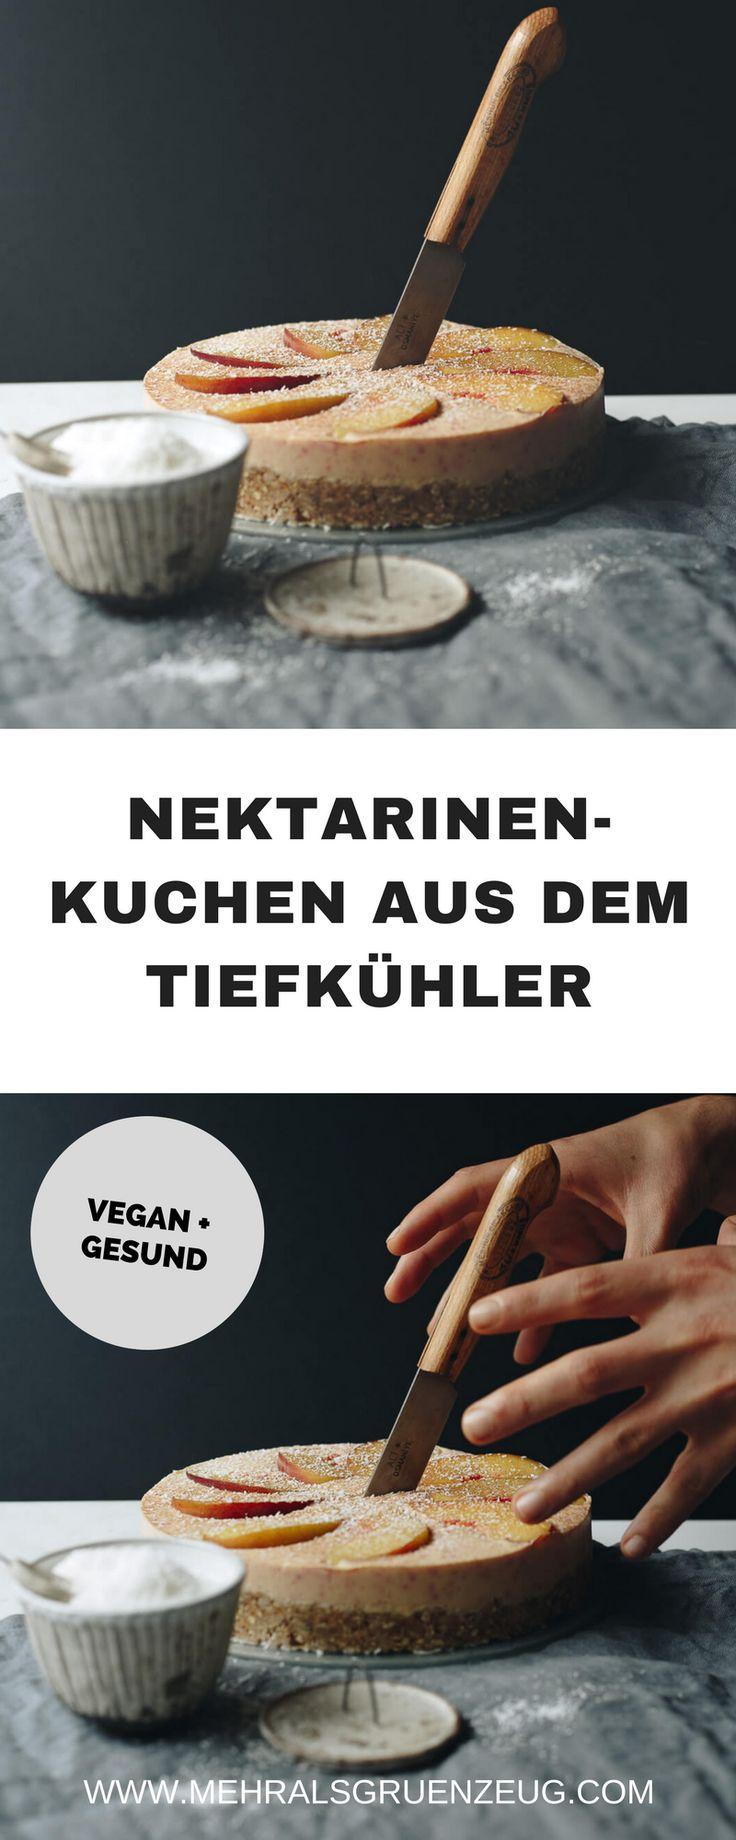 Hier geht es zum Rezept für einen sehr einfachen, veganen Nektarinen-Kuchen aus dem Tiefkühler. Perfekt für den Sommer, perfekt für's Naschen ohne Reue!